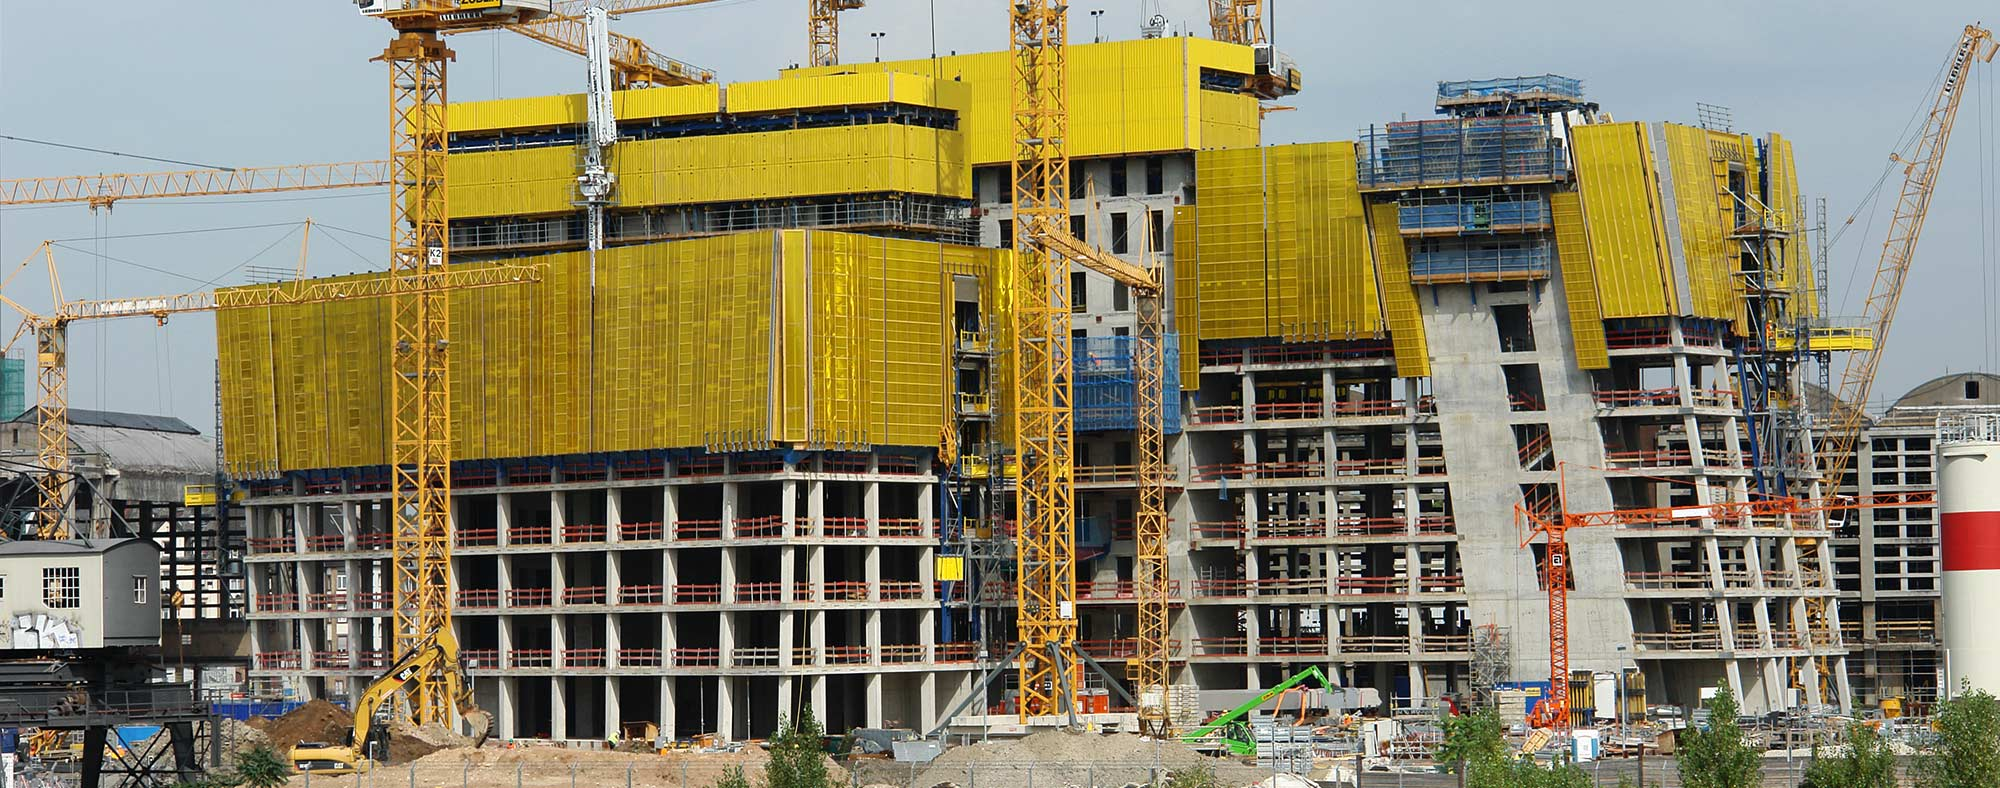 Hochhaus der EZB in Frankfurt - als die Europäische Zentralbank gebaut wurde - Baustelle im August 2011